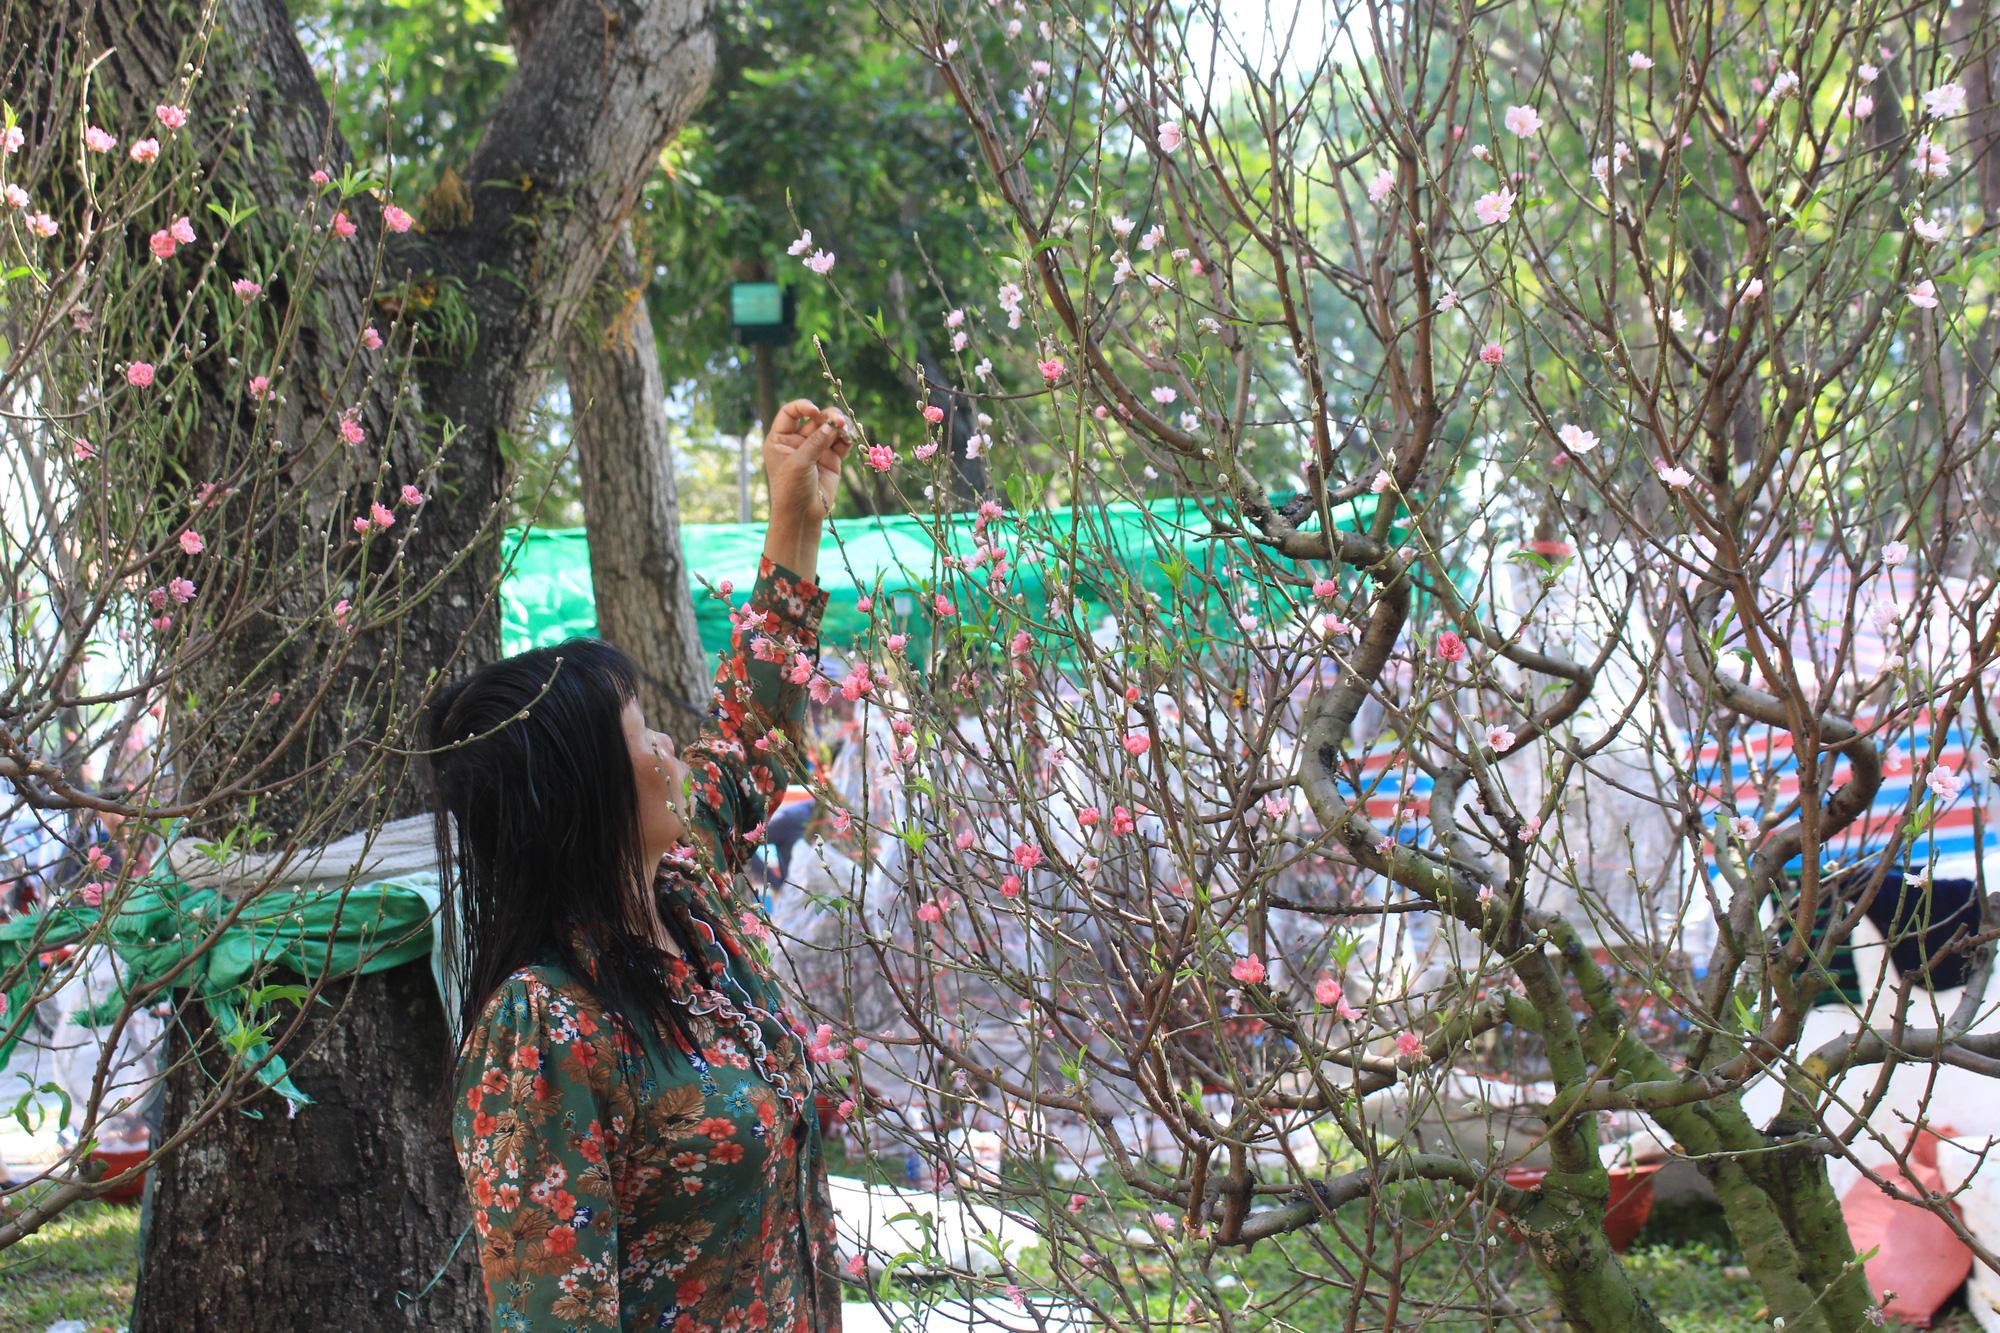 28 Tết, đào Nhật Tân tại chợ hoa Sài Gòn bắt đầu giảm giá, thuận mua vừa bán nên hút khách - Ảnh 5.